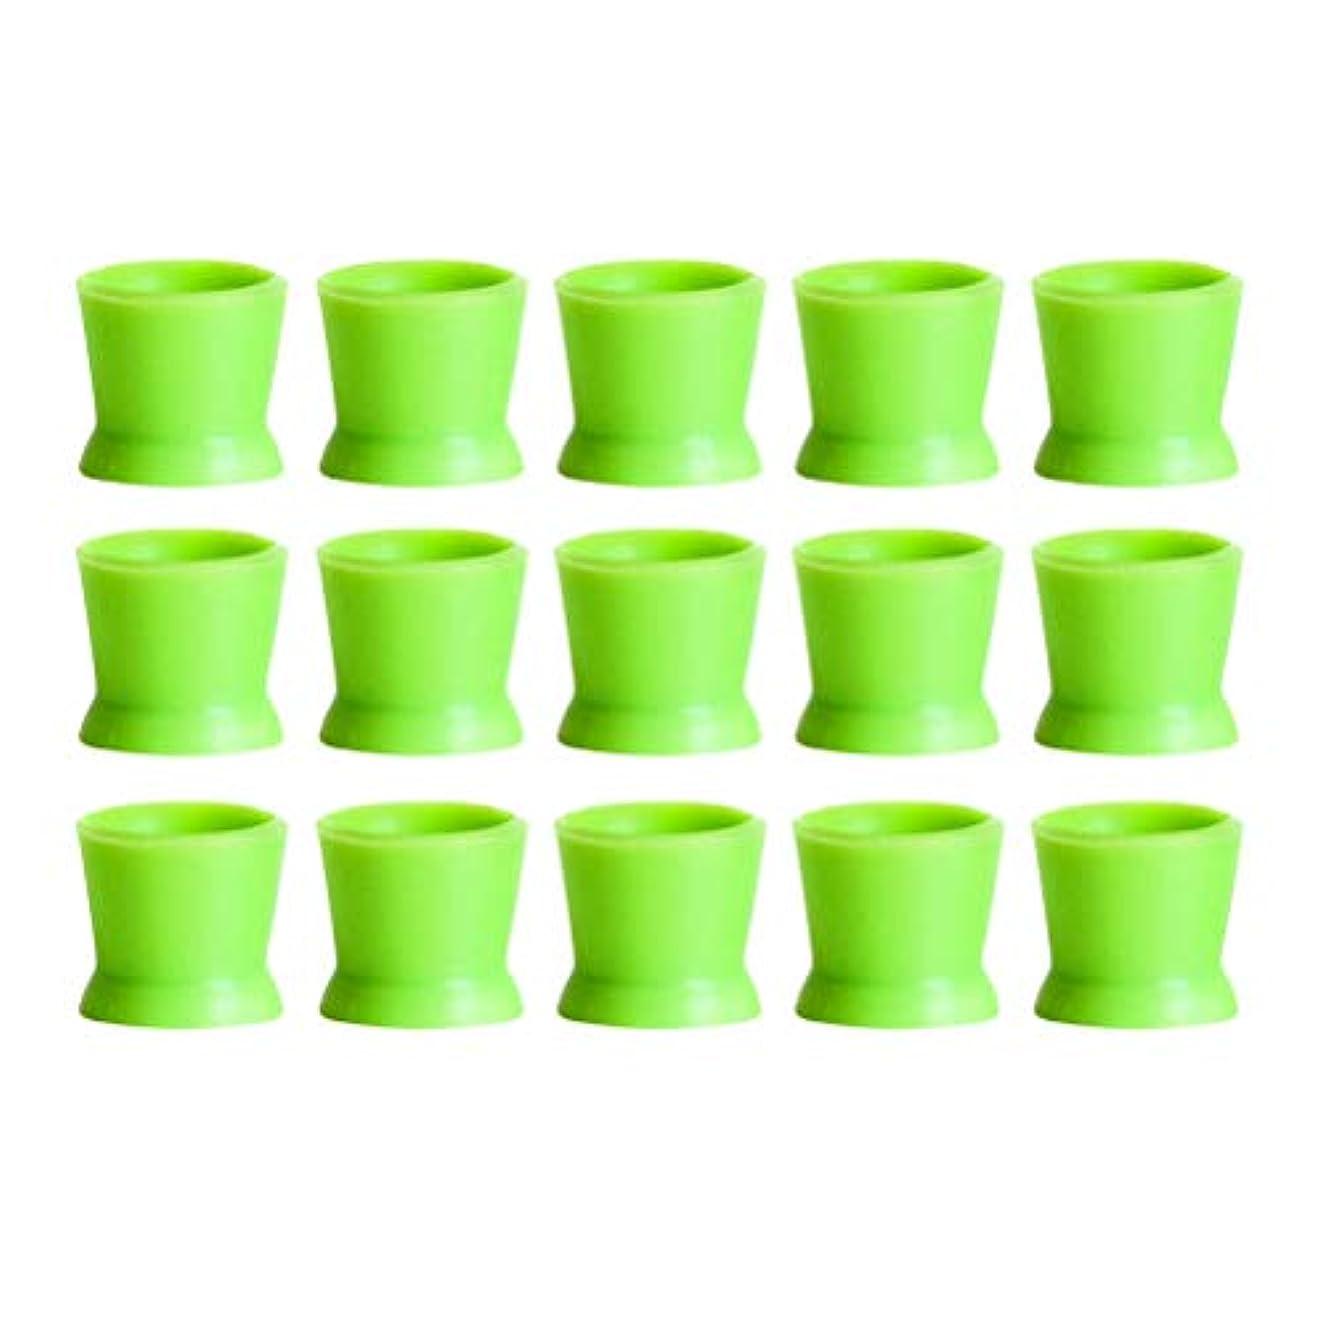 符号スパイラル自然Healifty 300PCSシリコンタトゥーインクカップ使い捨てマイクロブレーディングピグメントキャップホルダーコンテナ永久的なまつげメイクアップアイブロー(グリーン)